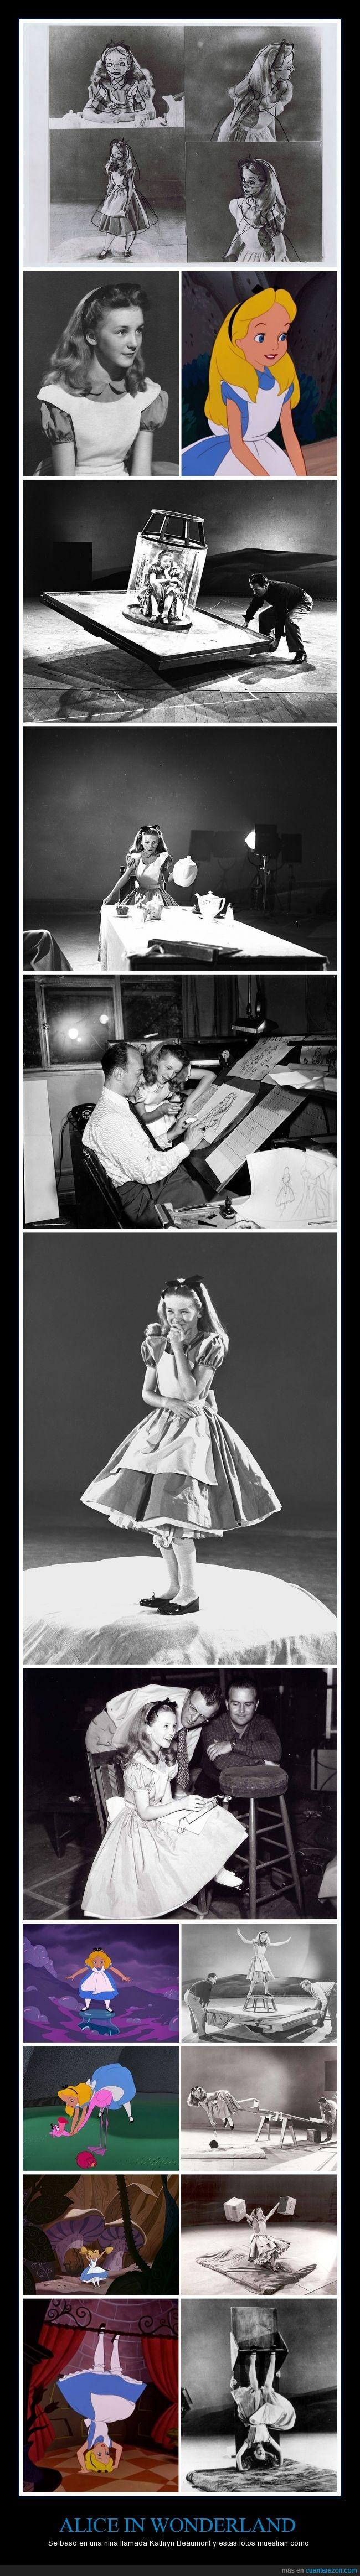 actriz,Alice in wonderland,alicia,Alicia en el país de las maravillas,cajas,Kathryn Beaumont,modelo,Walt Disney